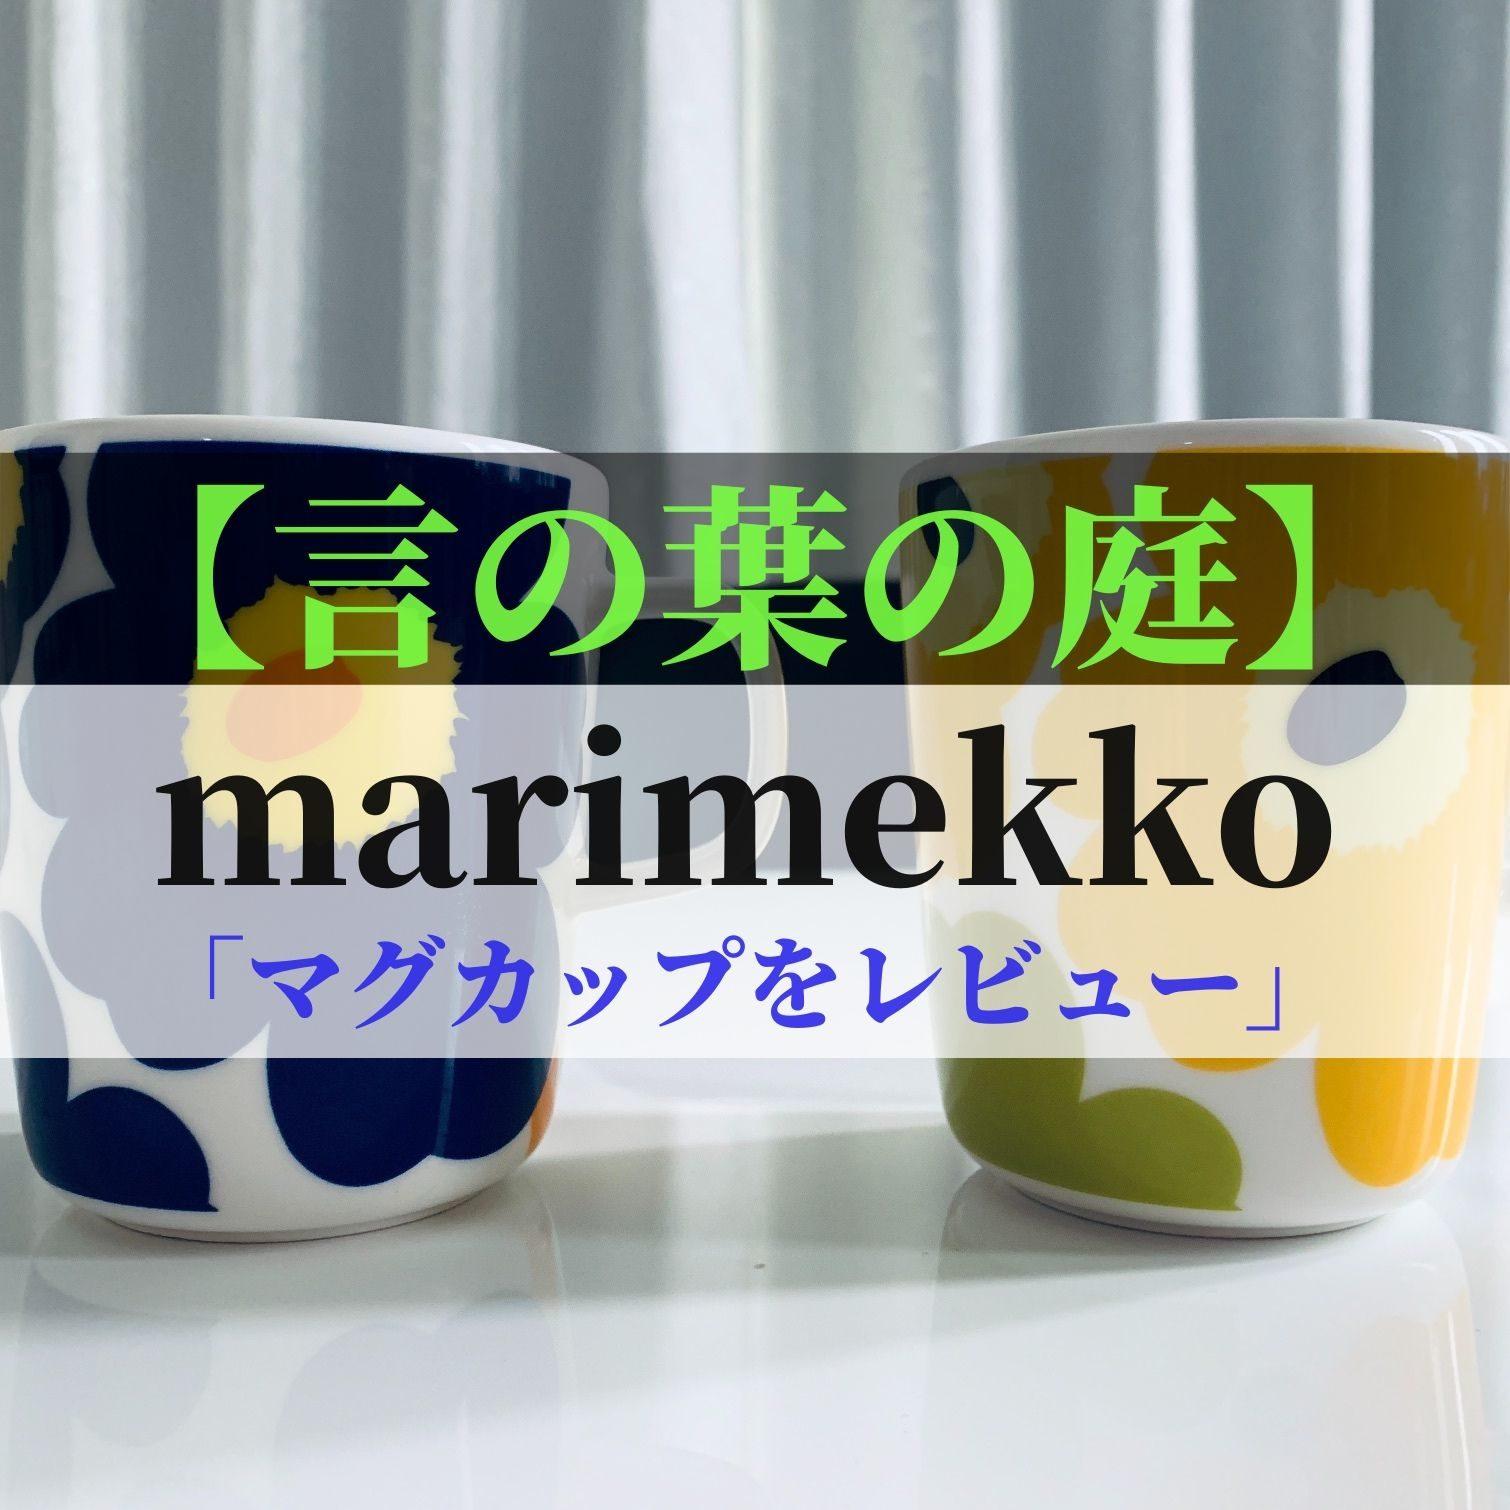 【言の葉の庭】マリメッコのマグカップ『レビュー&クチコミ』【名シーンを再現】